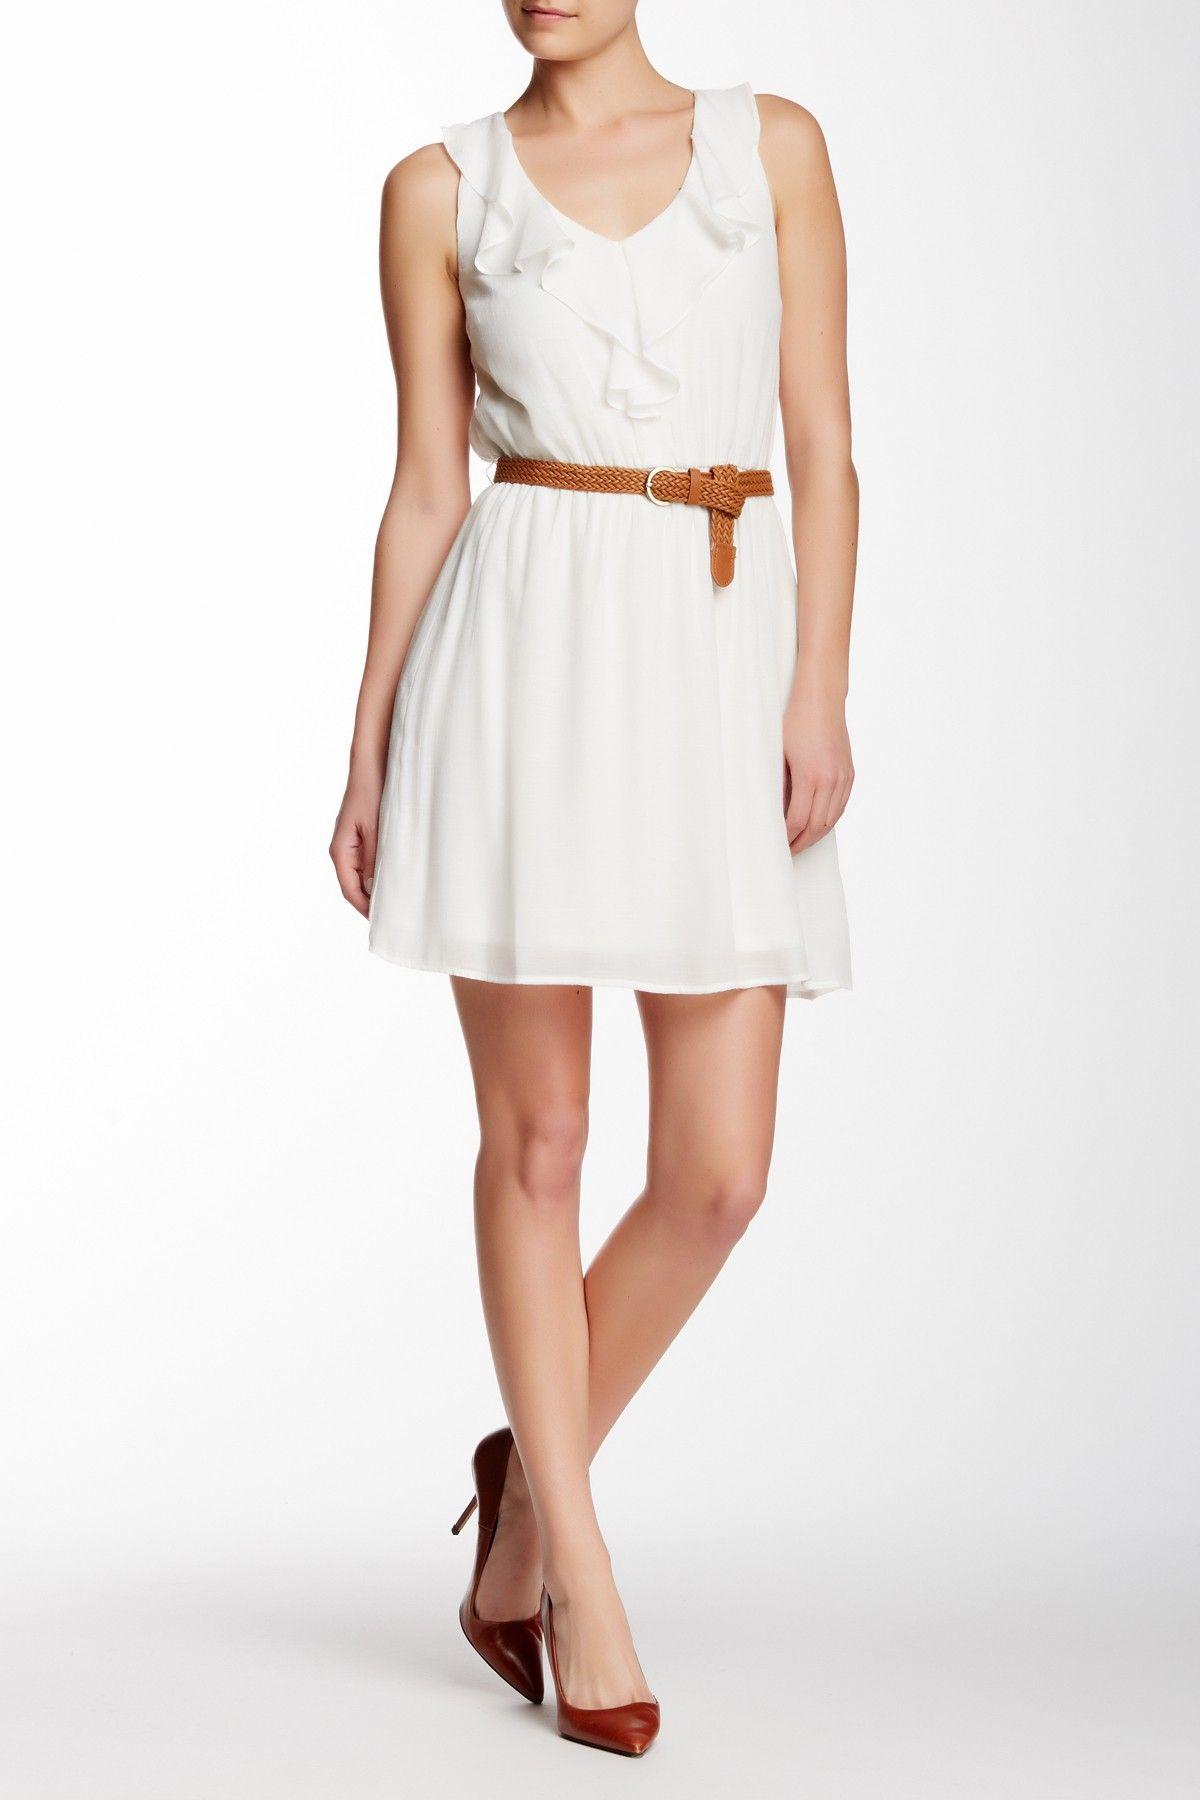 A Byer Yoke Back Cascade Front Dress Dresses White Mini Dress White Dress Winter [ 1800 x 1200 Pixel ]